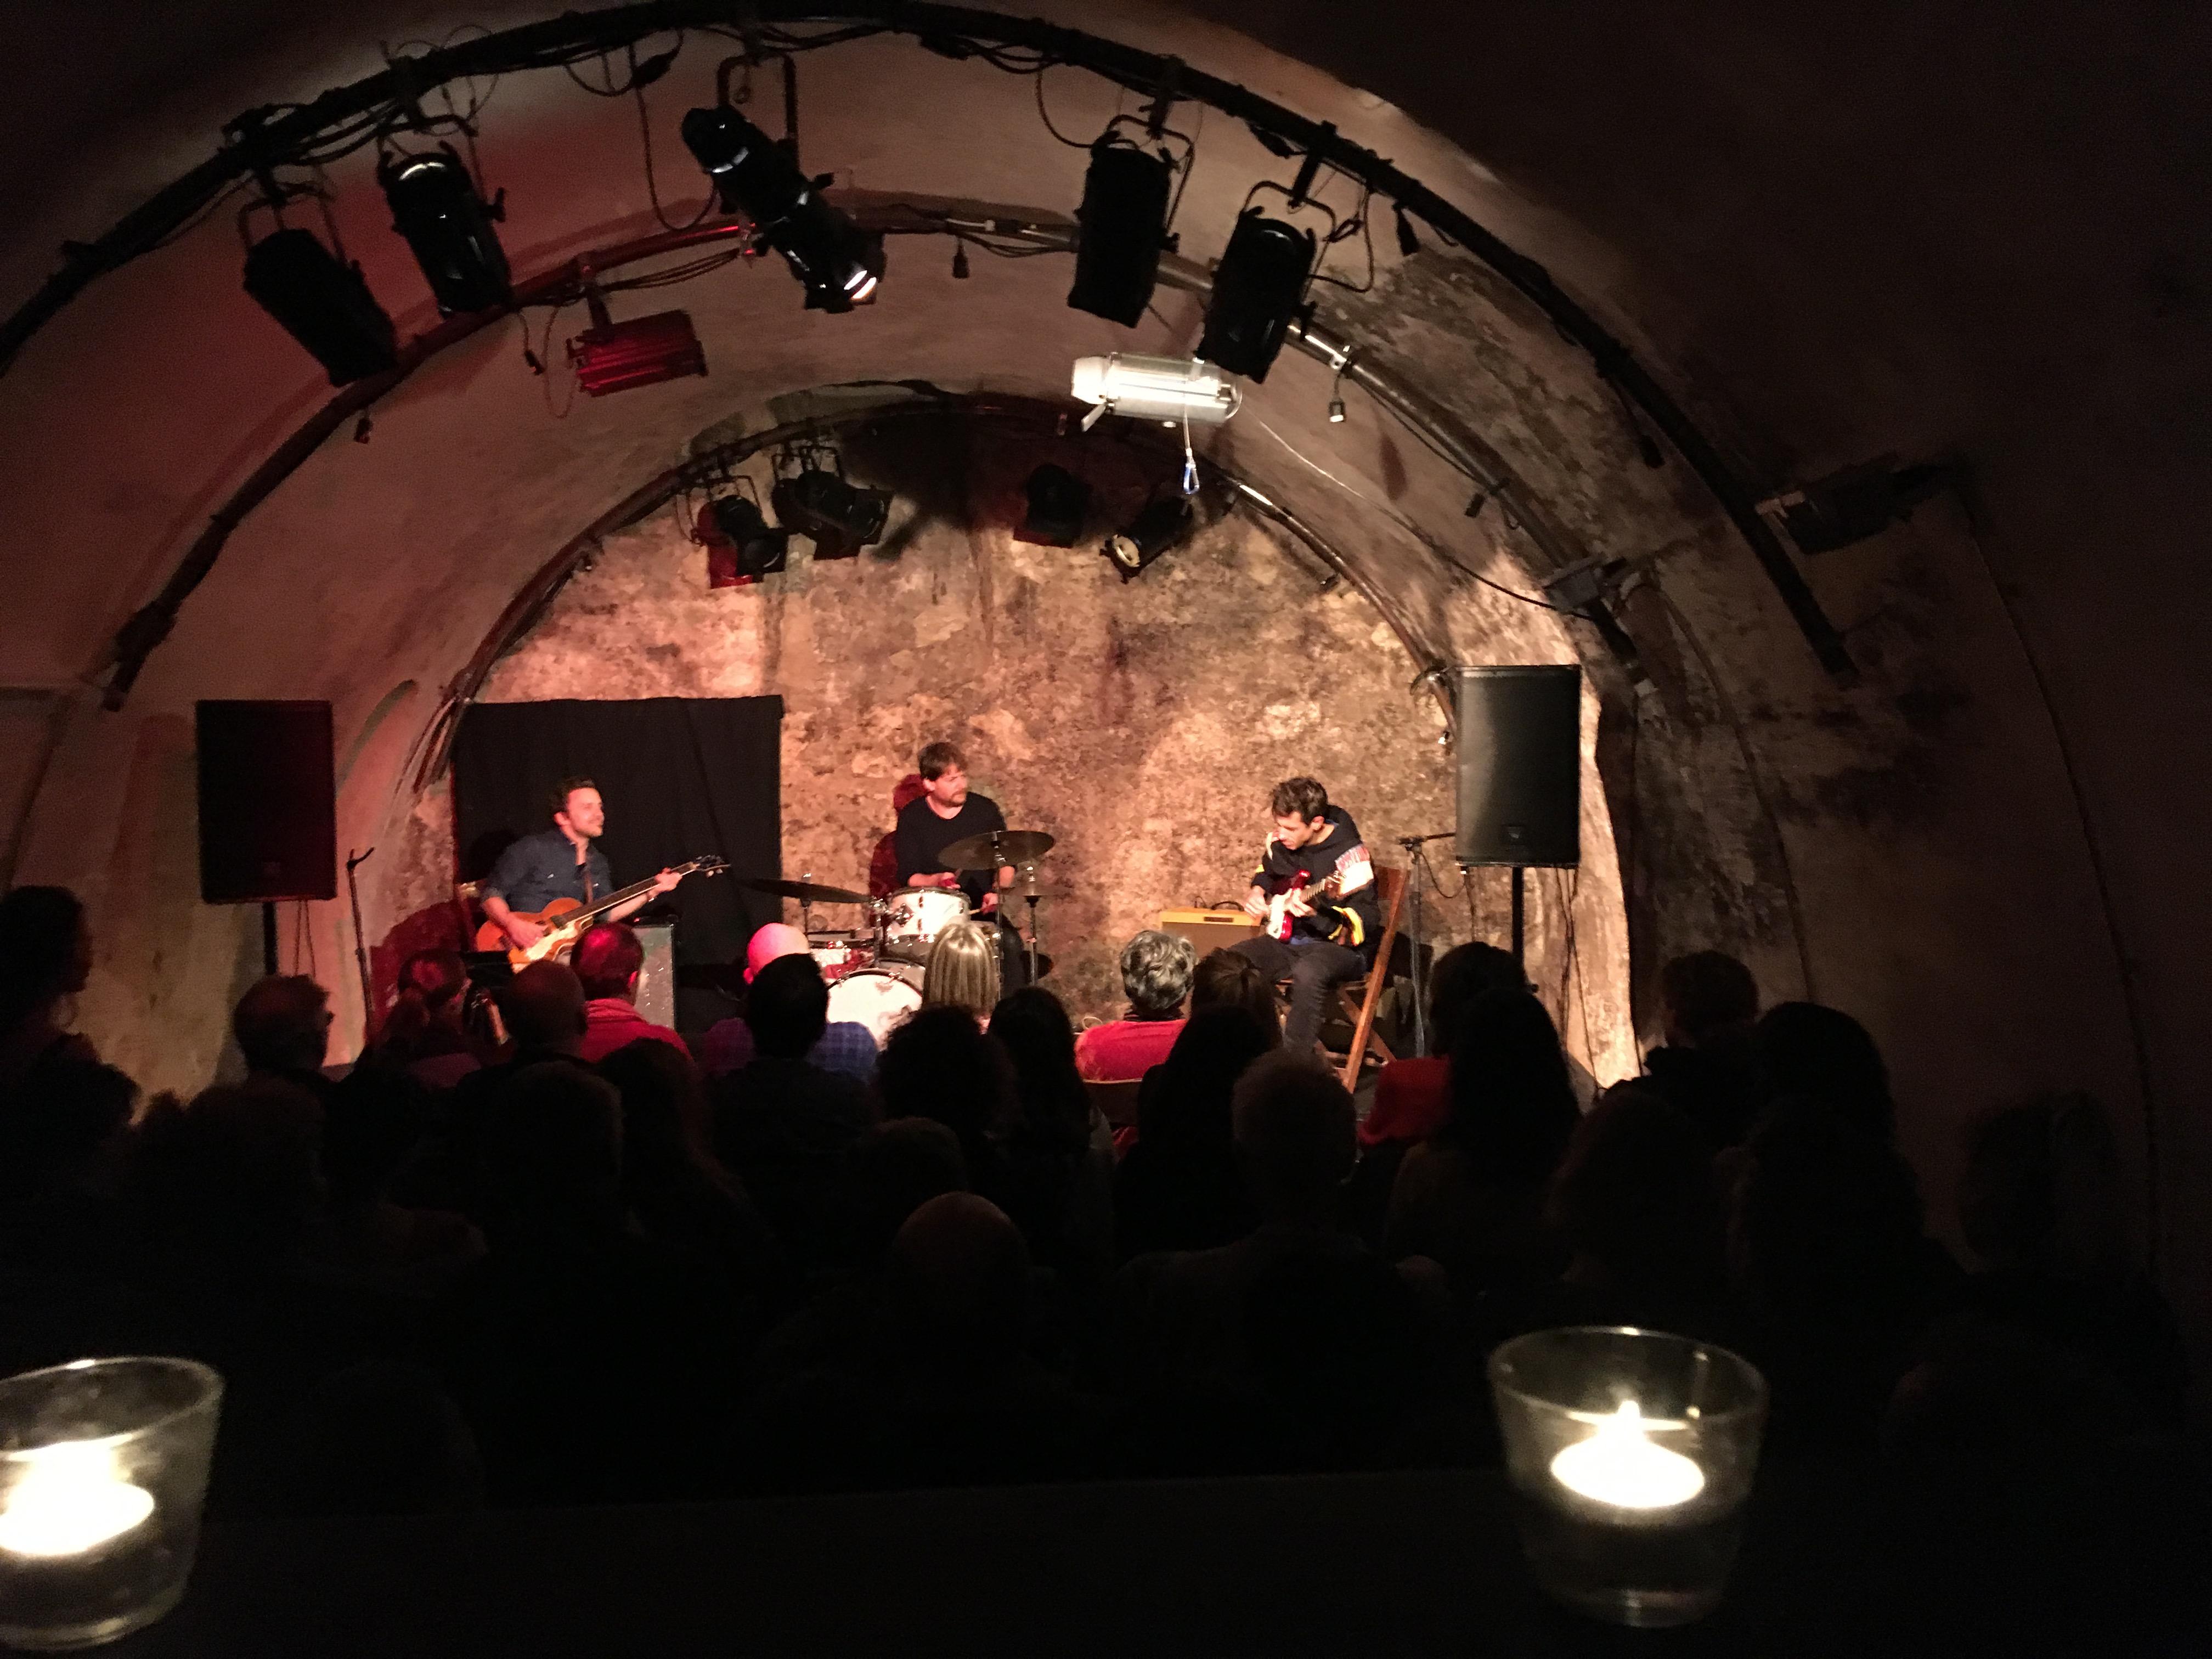 In einem gewölbten, steinernen Raum befinden sich drei Leute auf einer Bühne und machen Musik. Dahinter ist ein Publikum mit vielen Menschen zu sehen.